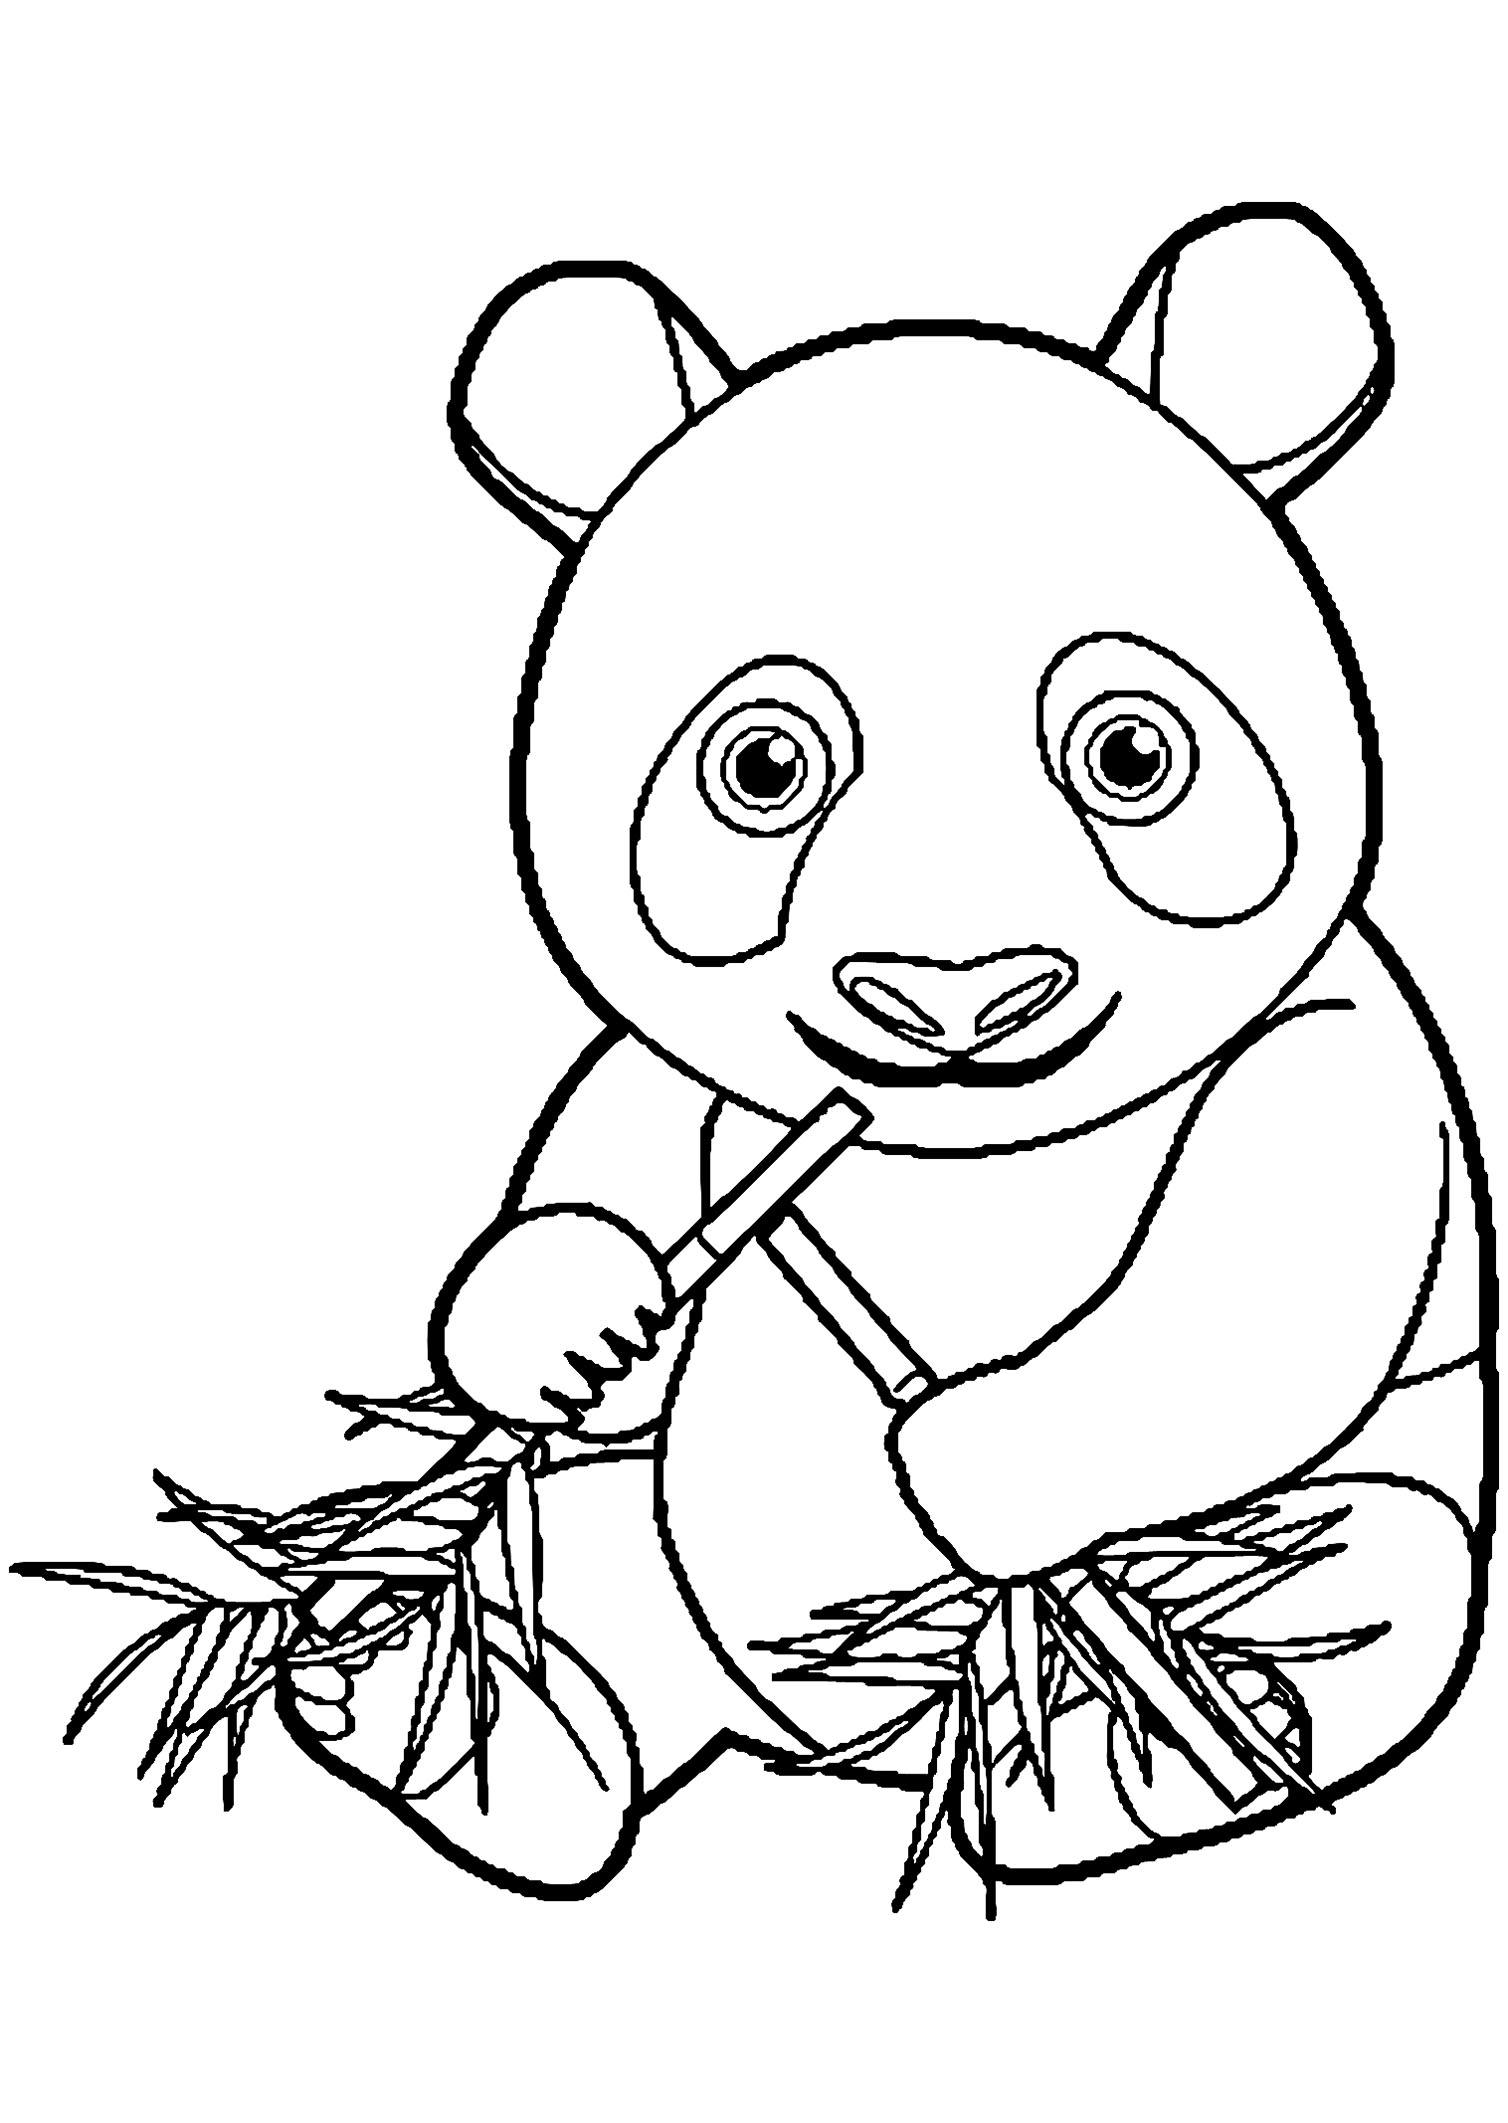 Coloriage Panda 30 Dessins De Imprimer 14795 Tout Panda A Colorier Coloriage De Pandas Coloriages Pour Enfants